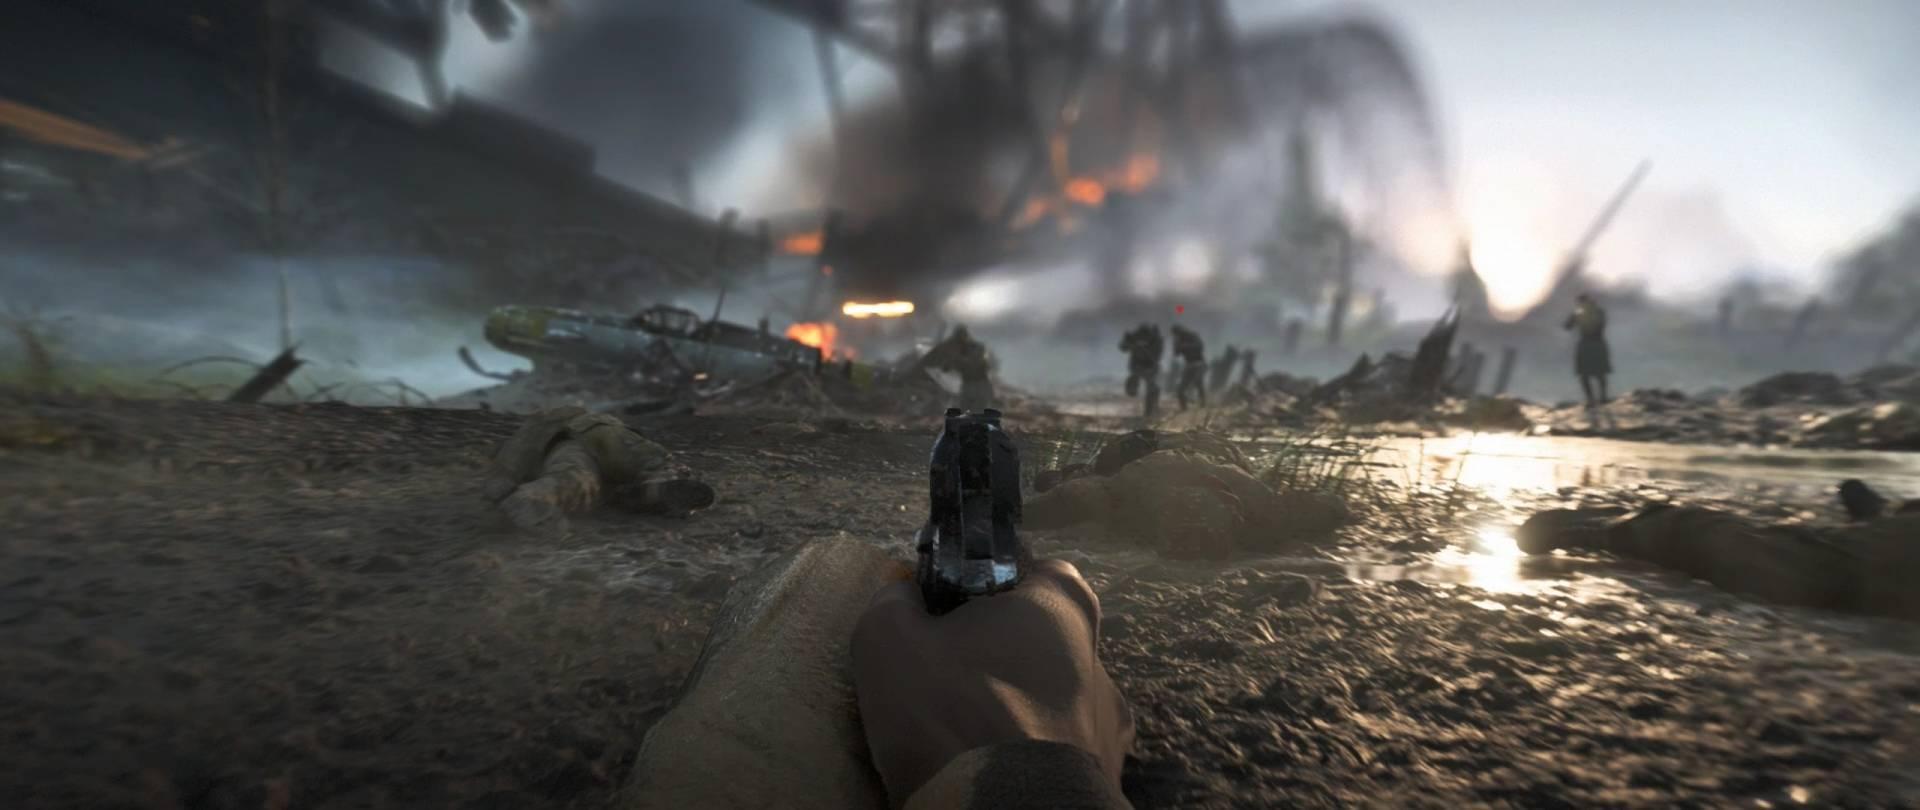 Battlefield V 2018.11.09 - 23.50.42.02.mp4_20181110_104412.816.jpg